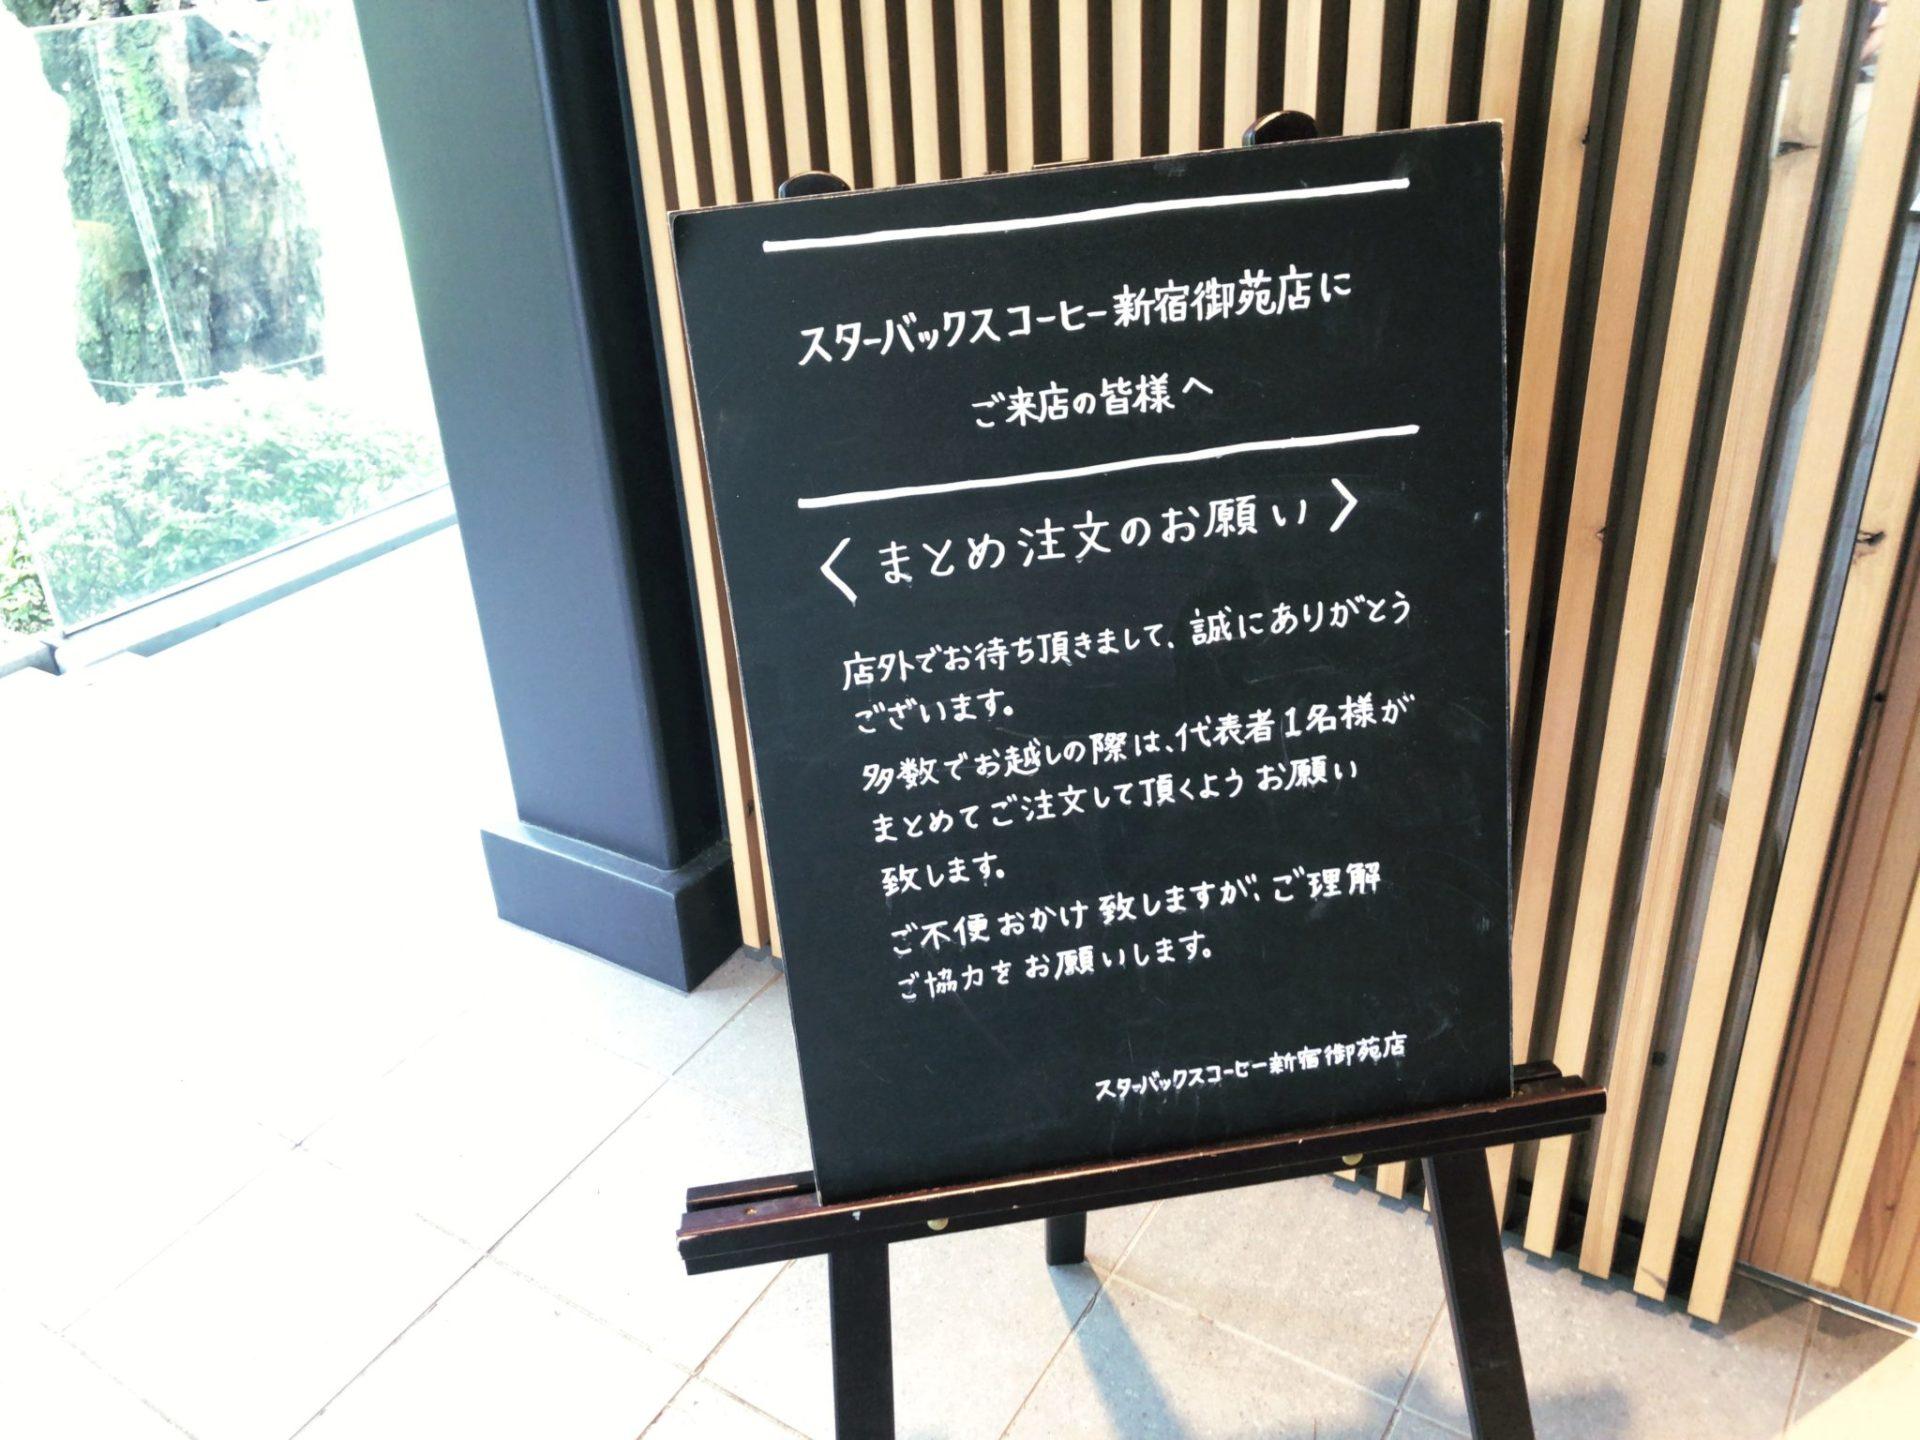 スタバ 新宿御苑店のまとめ注文のお願い